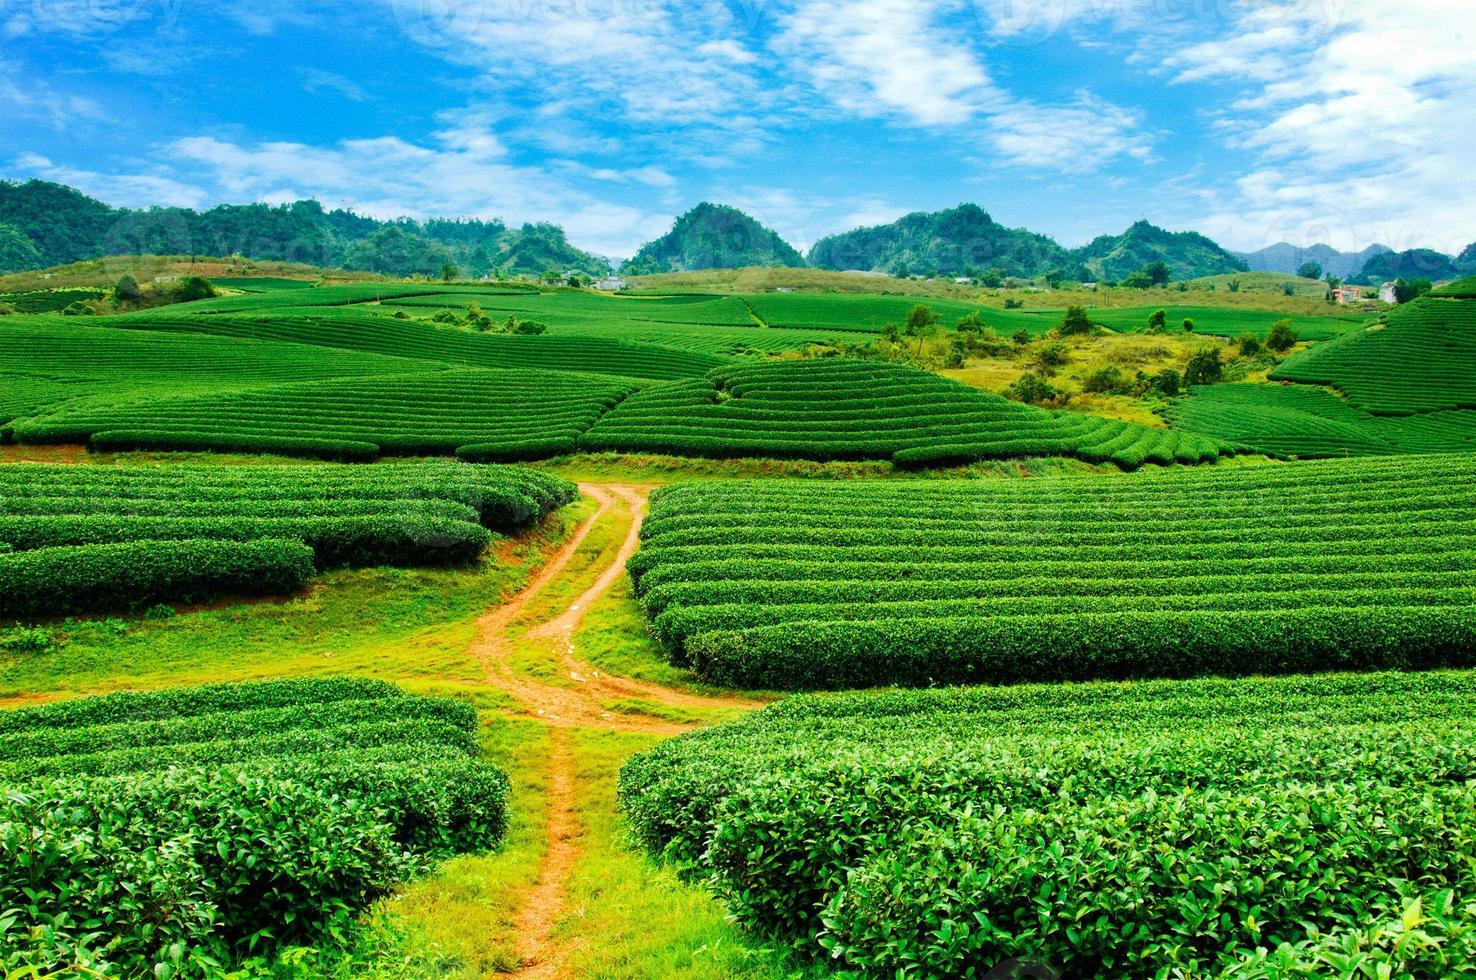 Hermosa plantación de té verde fresco en Moc Chau, Vietnam. foto